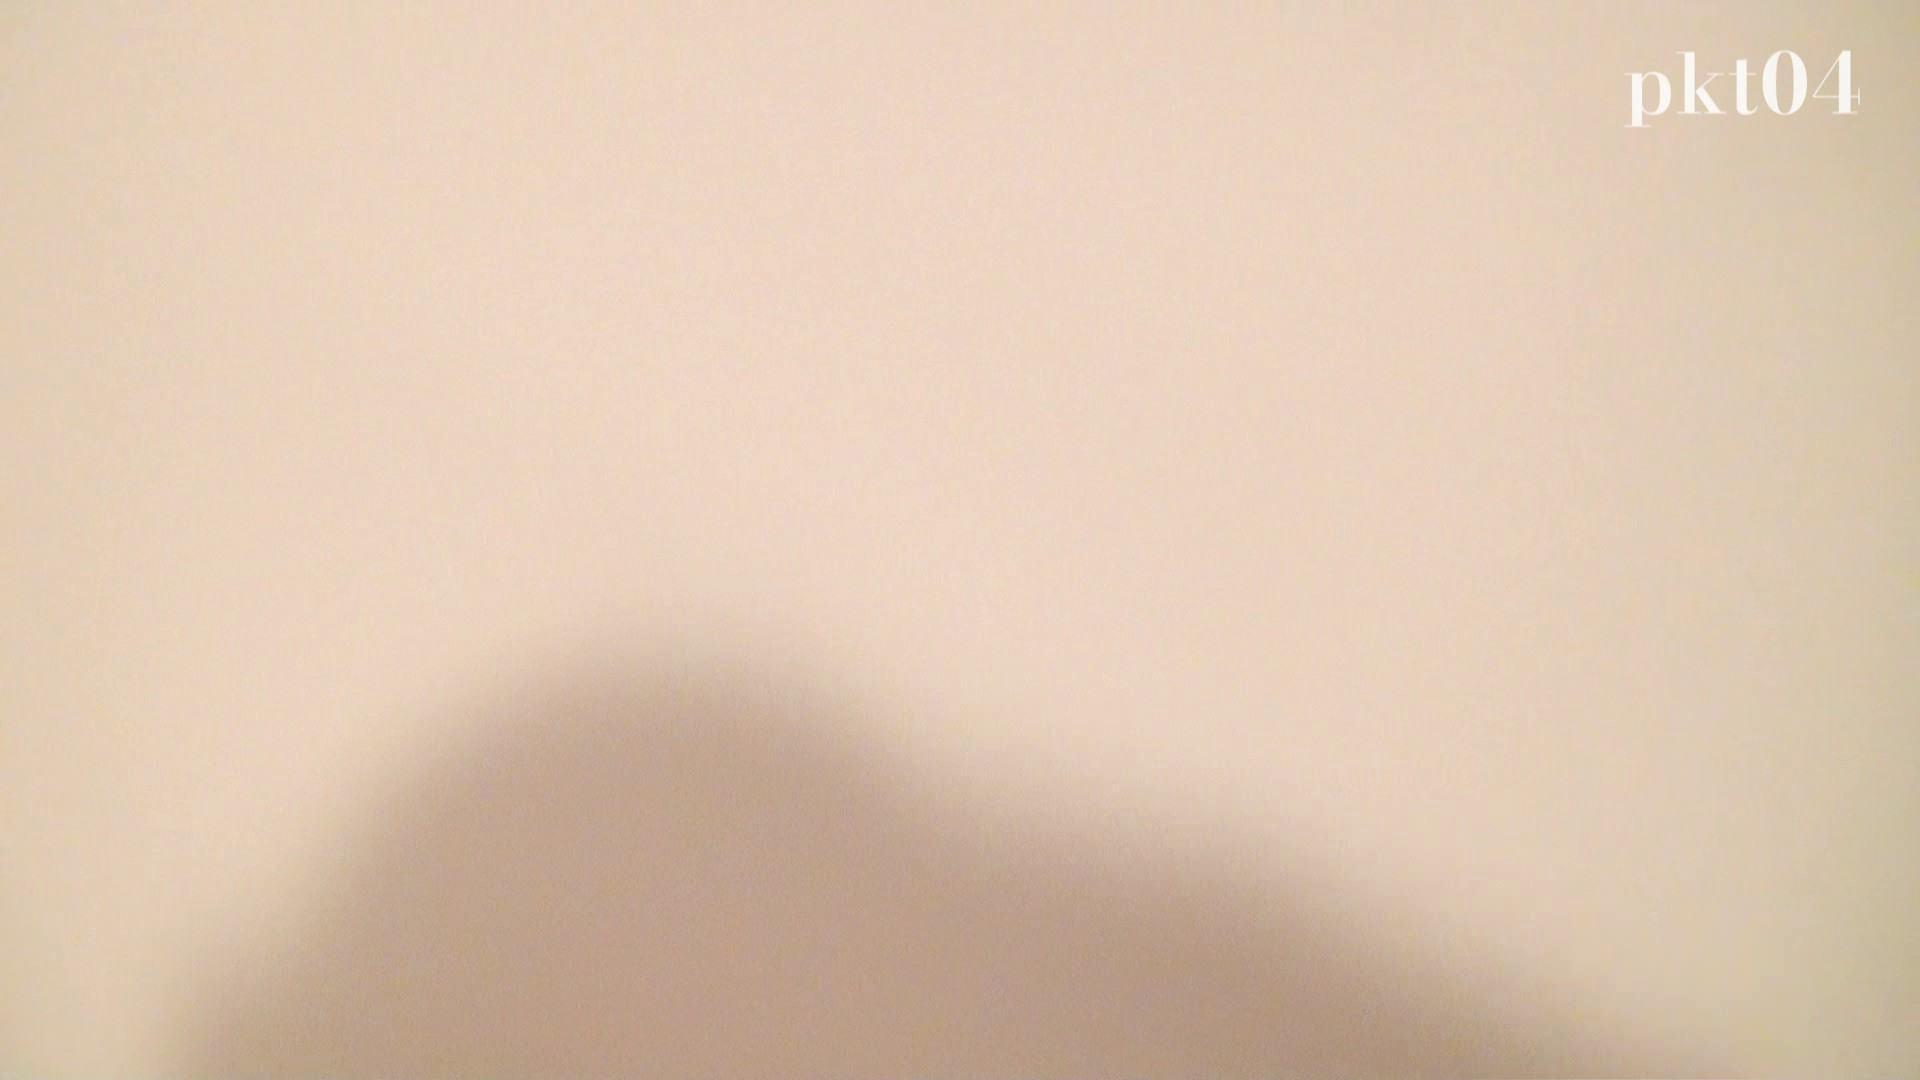 空爆特攻隊!No4 ハイビジョン 盗撮 | 覗き特集  85PIX 53